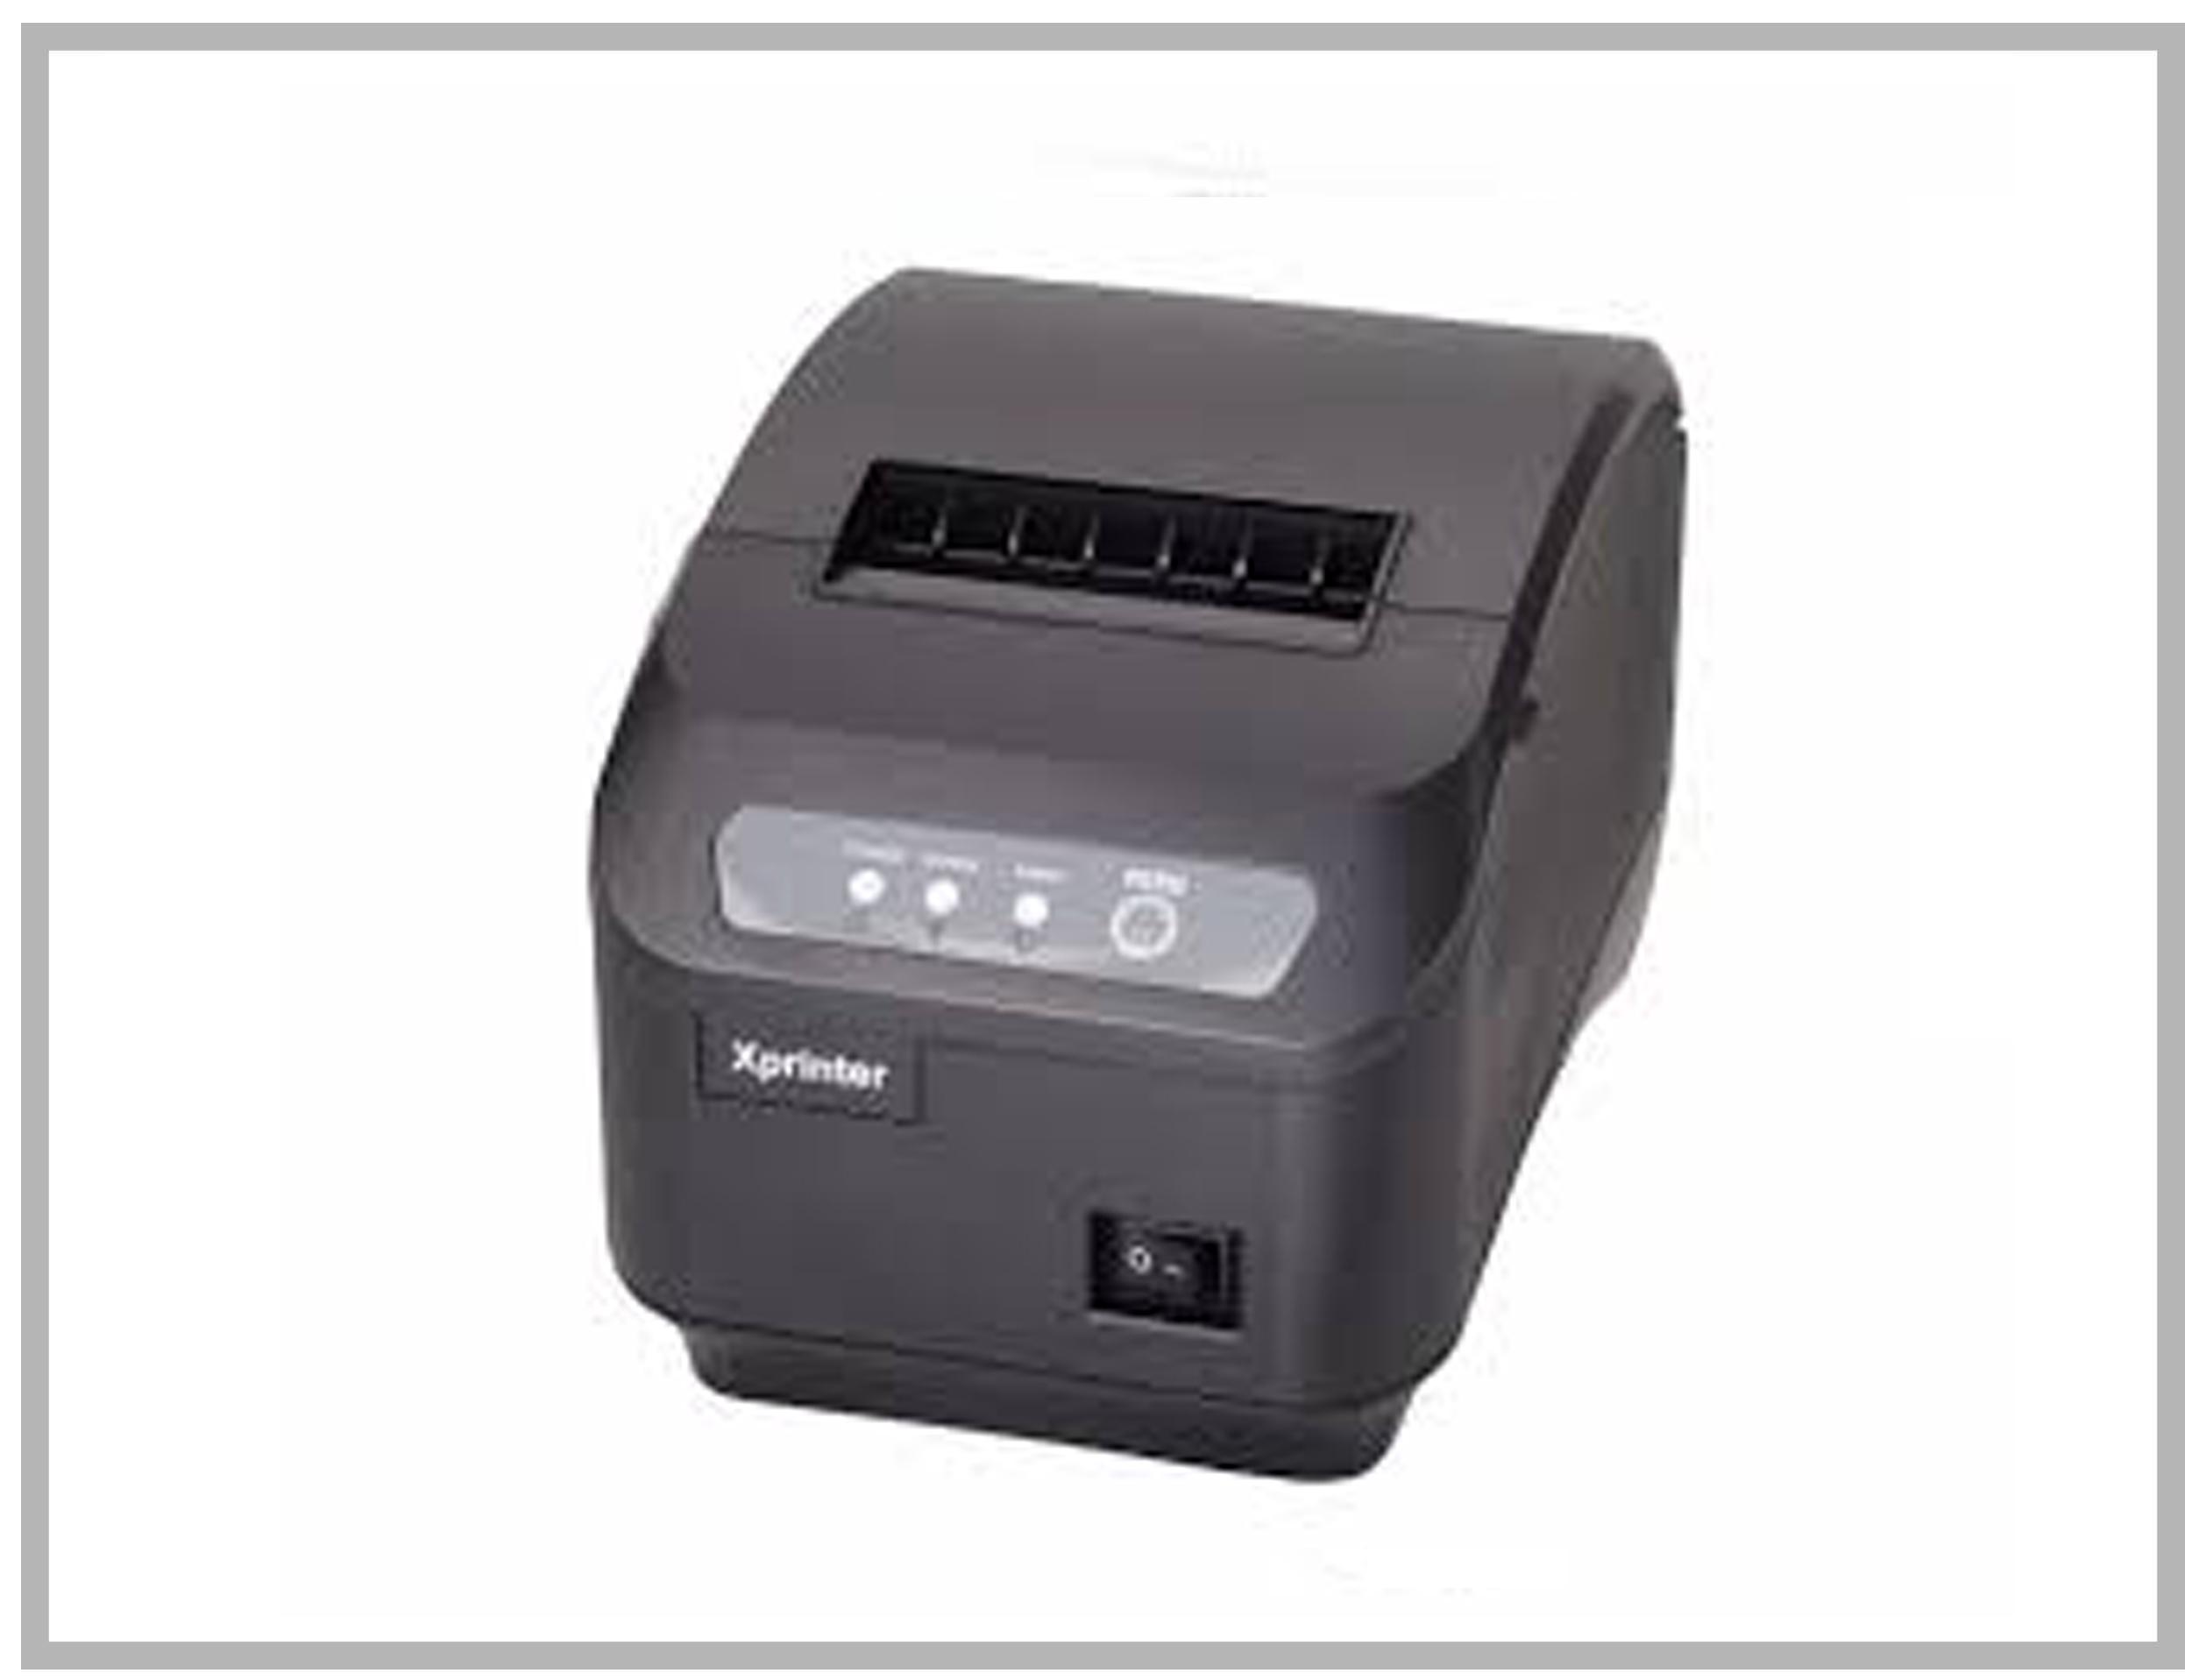 XPRINTER XP-Q260NL